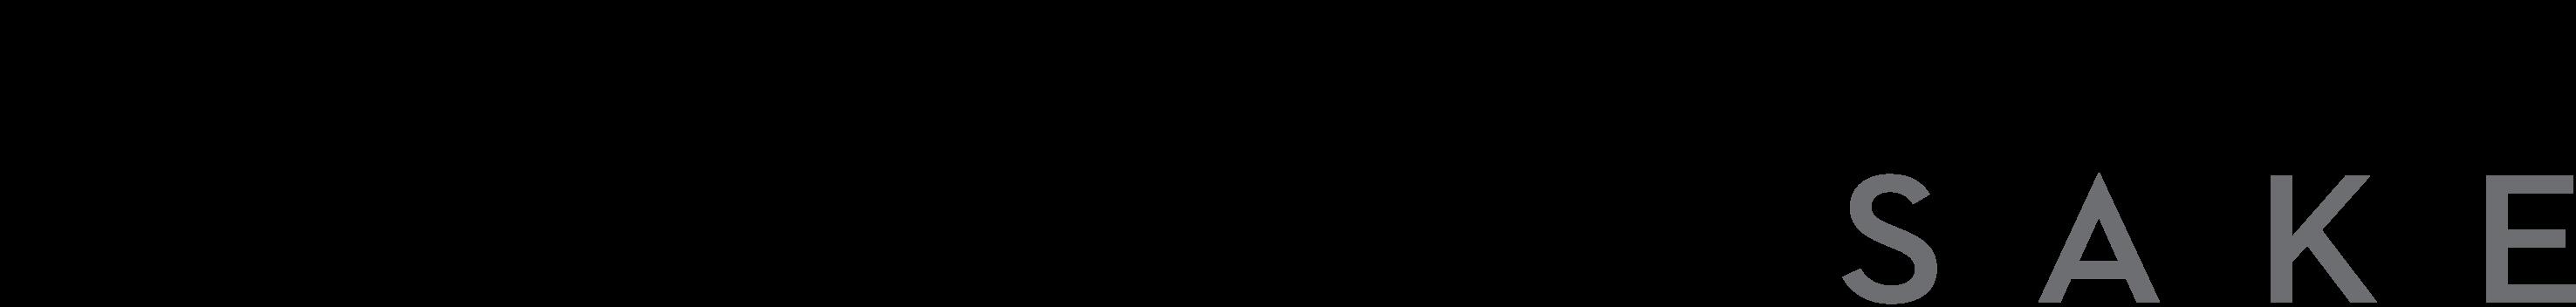 Tyku Sake